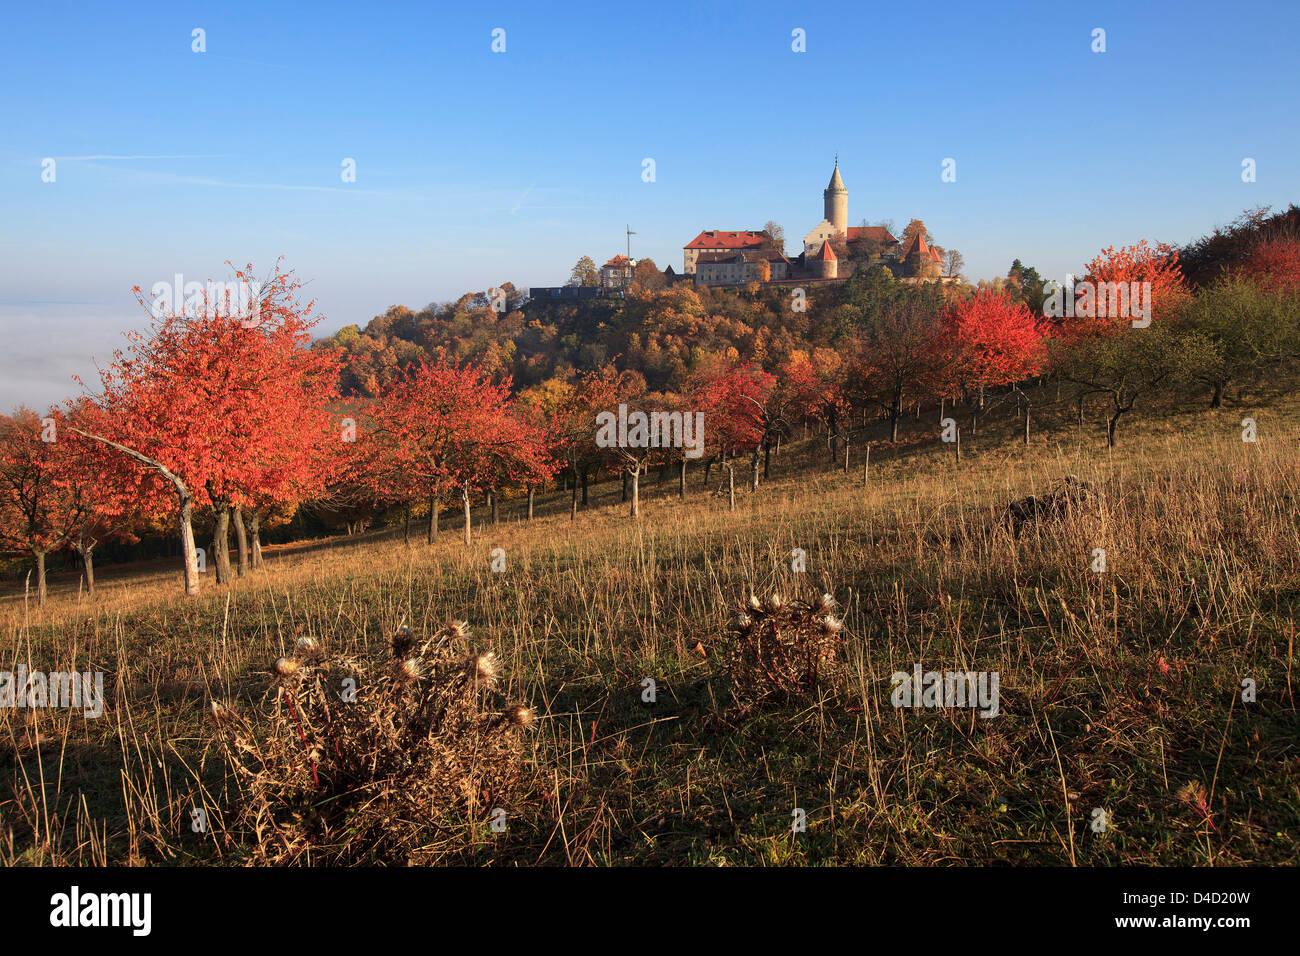 Leuchtenburg, Seitenroda, Thuringia, Germany, Europe - Stock Image